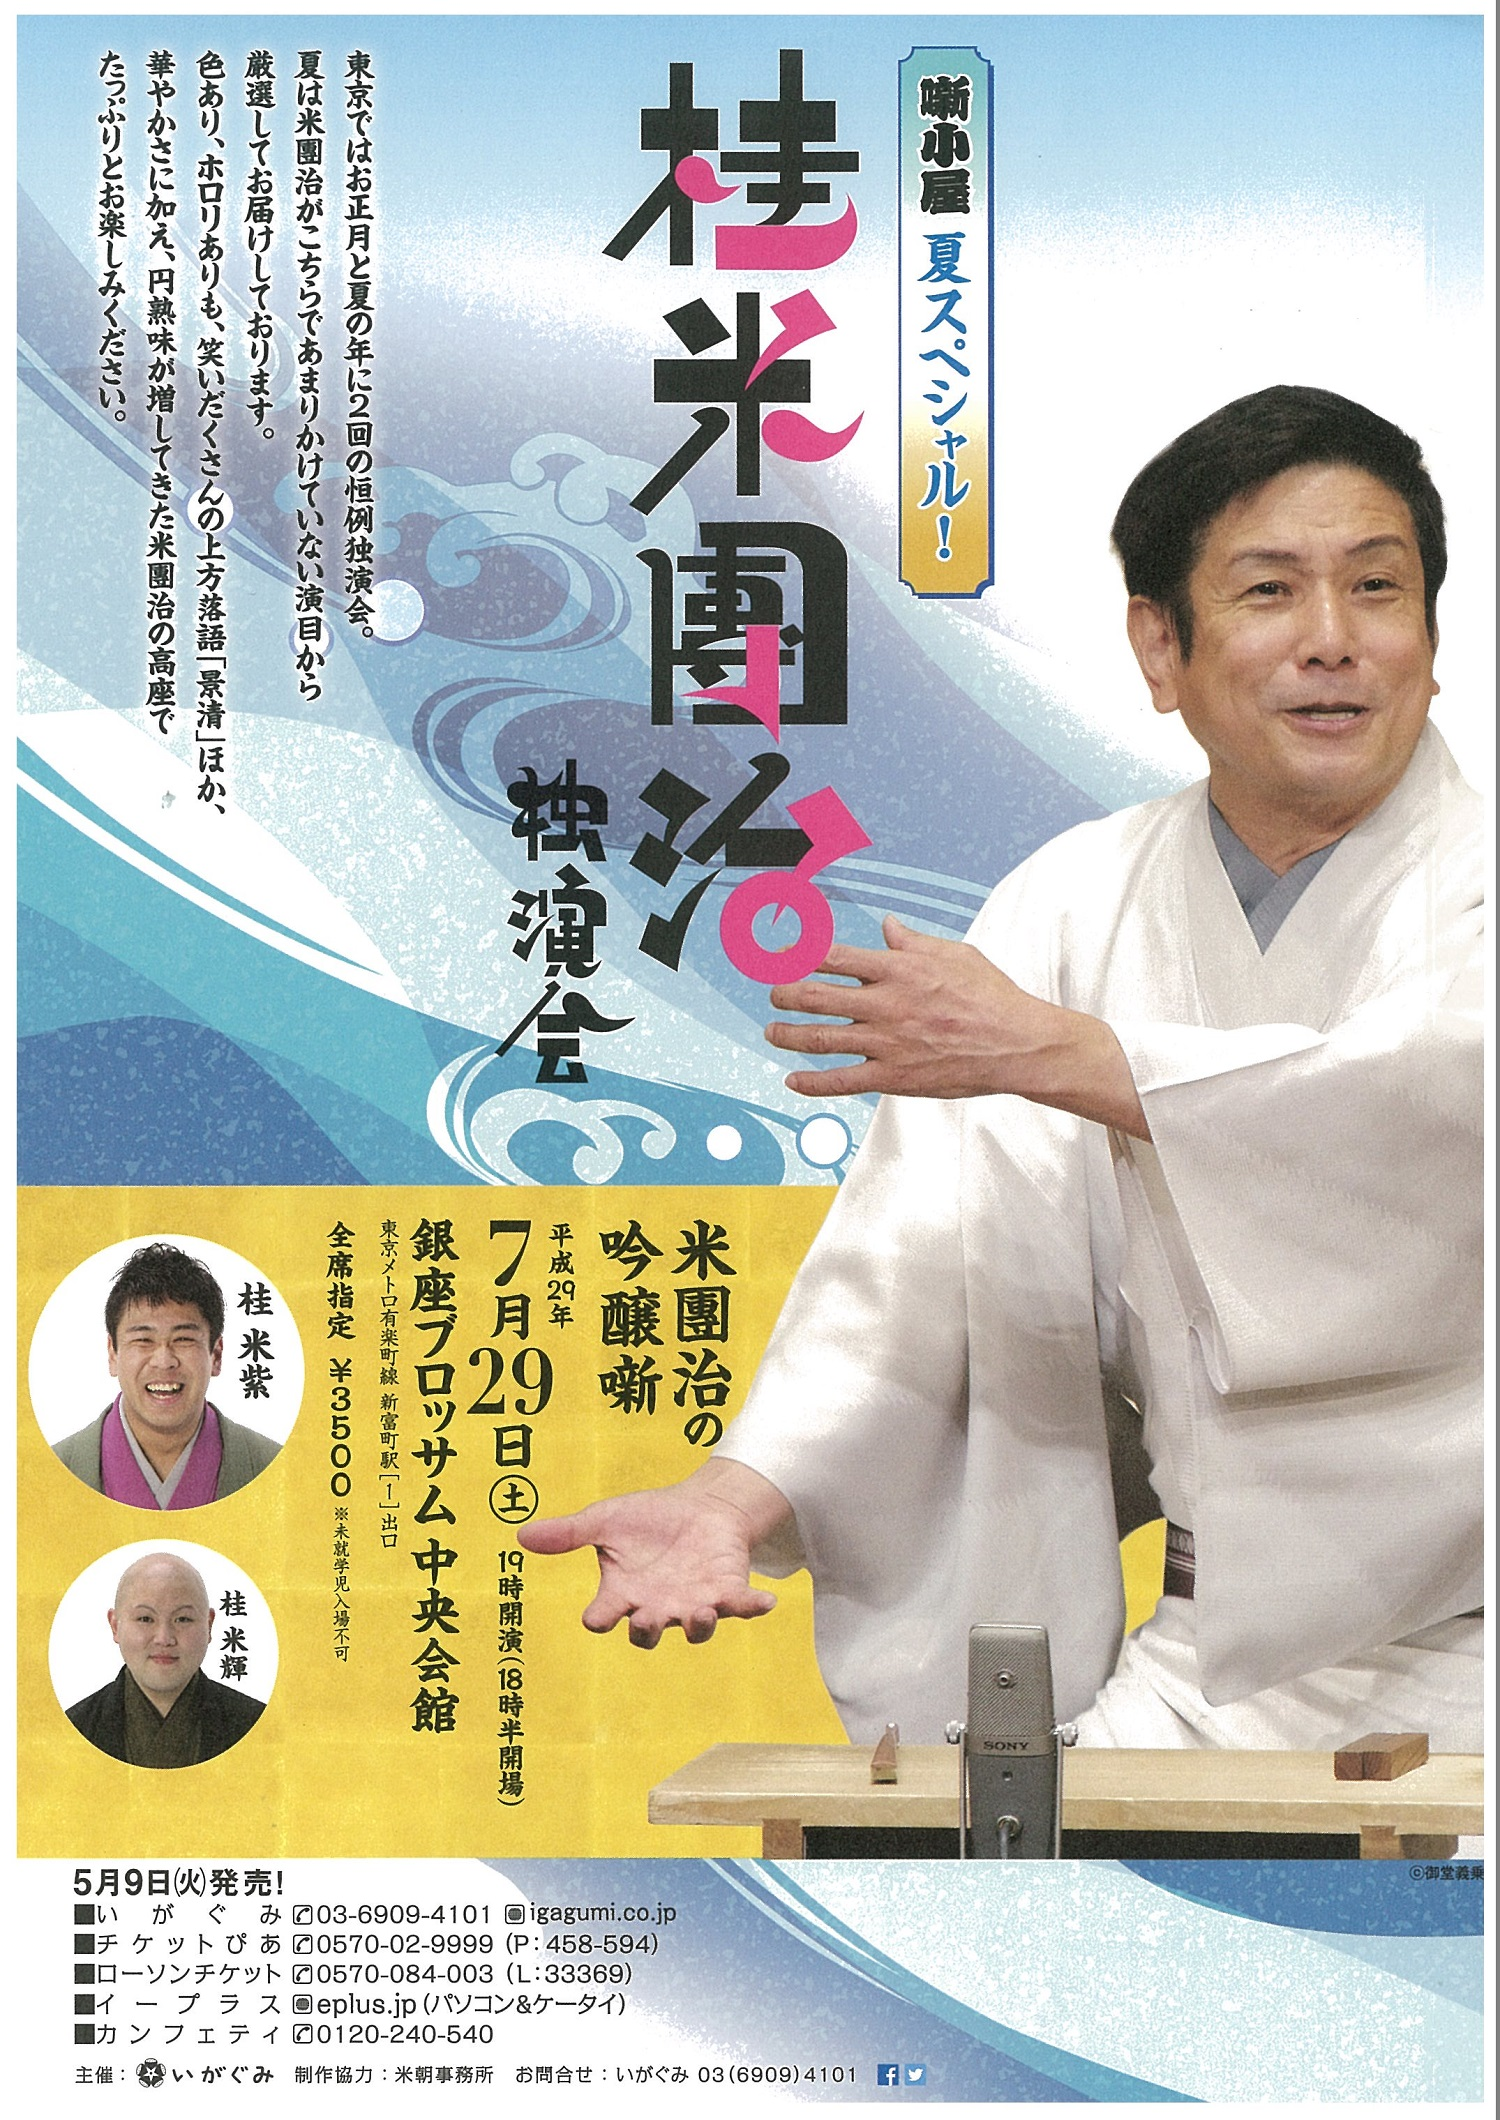 ≪噺小屋新夏スペシャル≫  桂 米團治   独演会